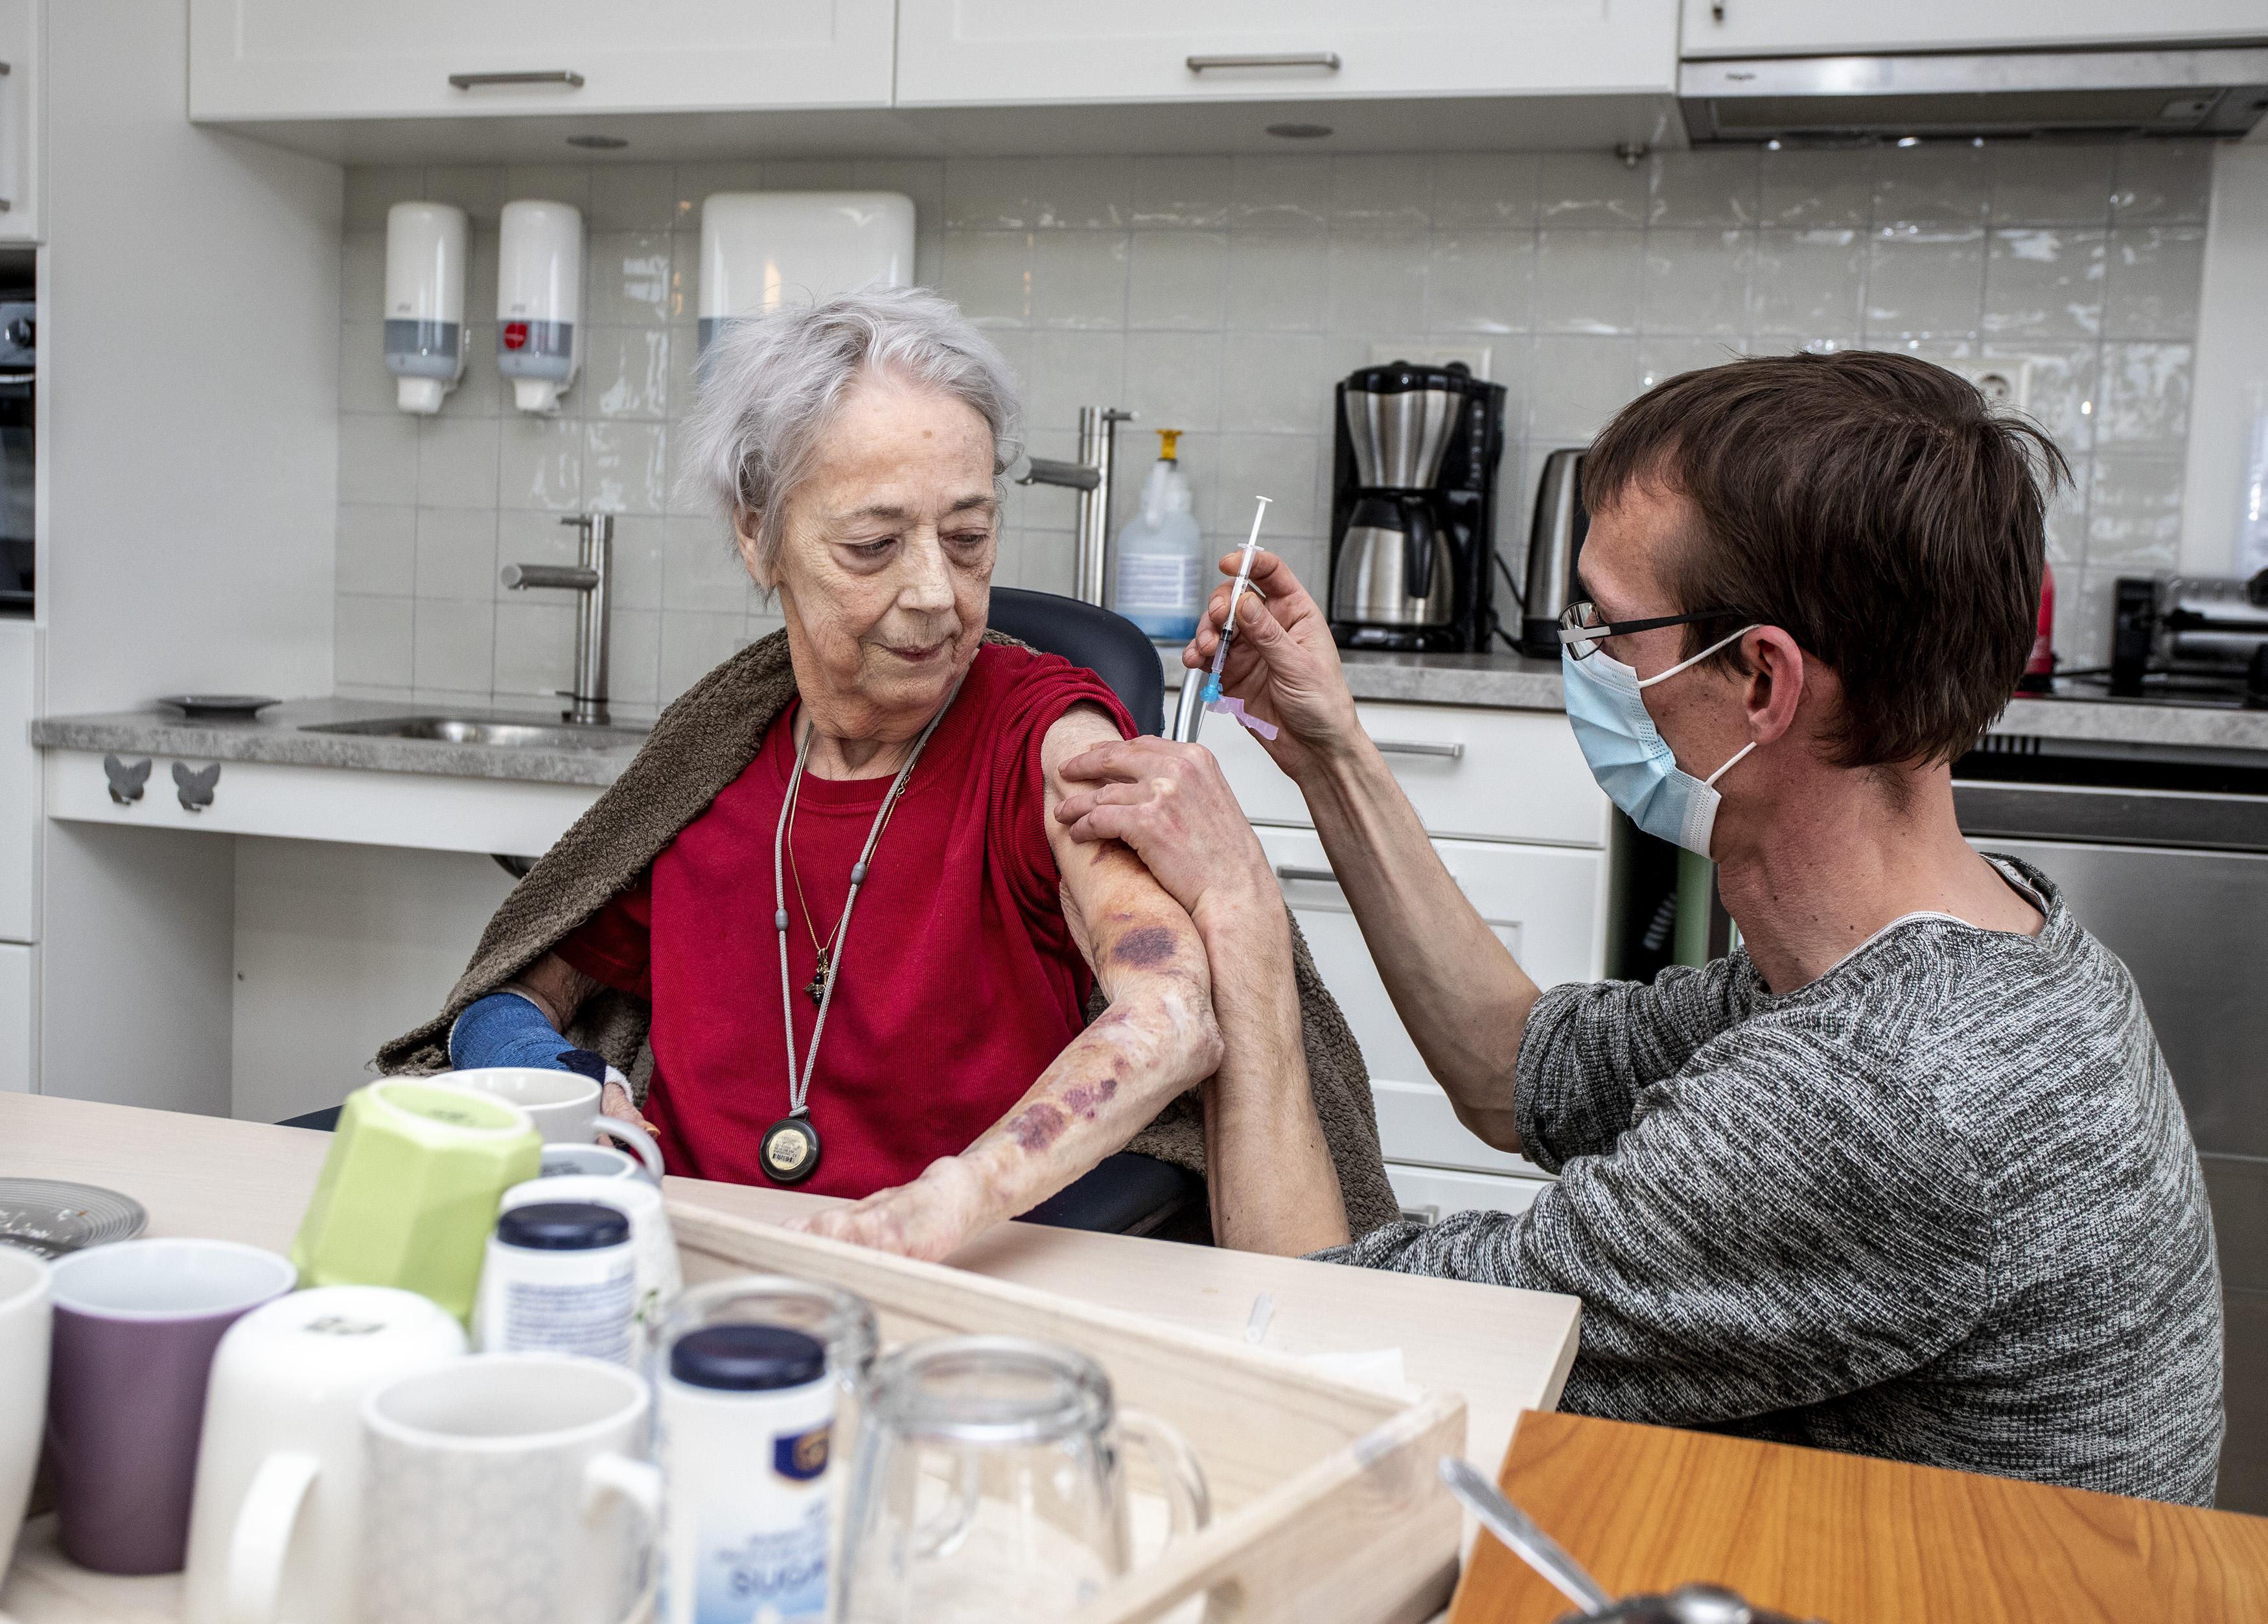 Mevrouw Stam (76) krijgt in Velserduin als een van de eersten het coronavaccin. 'Ik ben er ontroerd door'